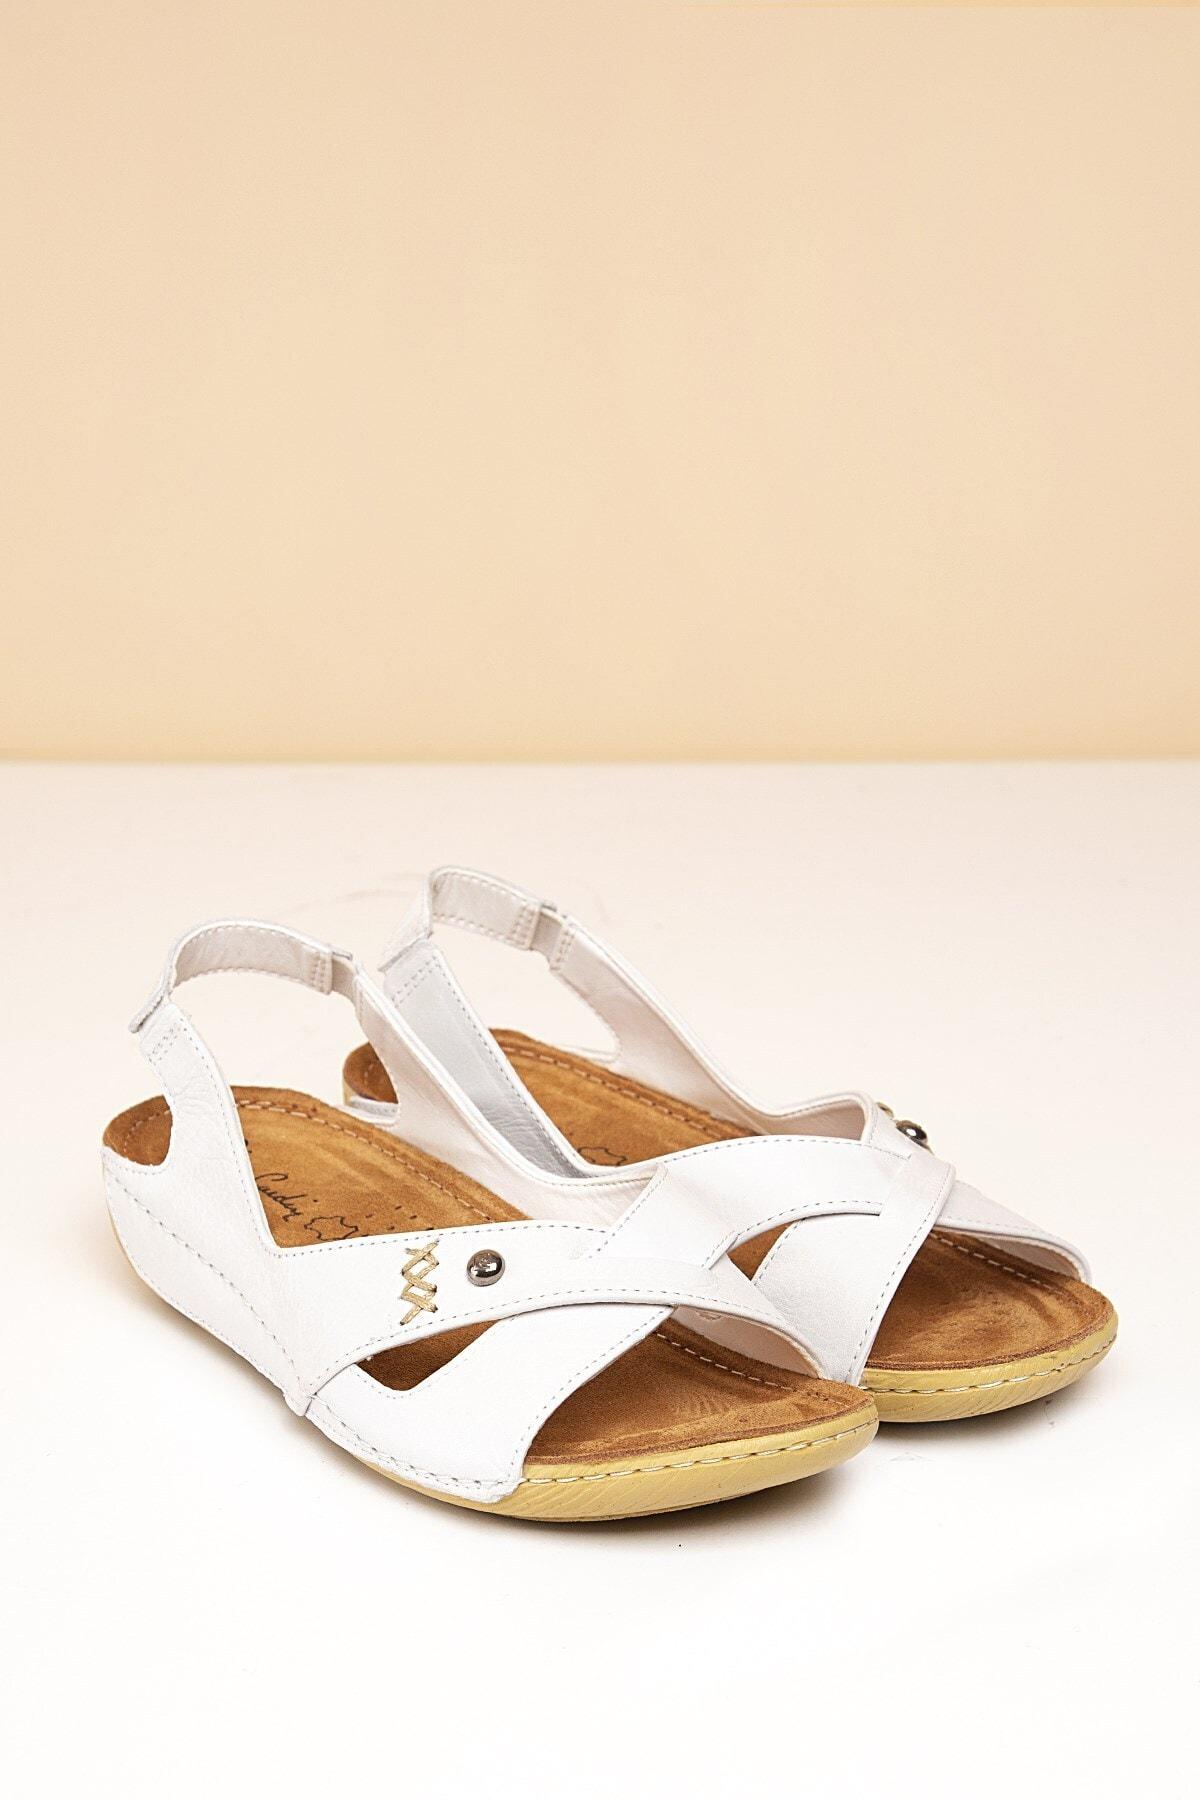 Pierre Cardin PC-1188 Beyaz Kadın Sandalet 1